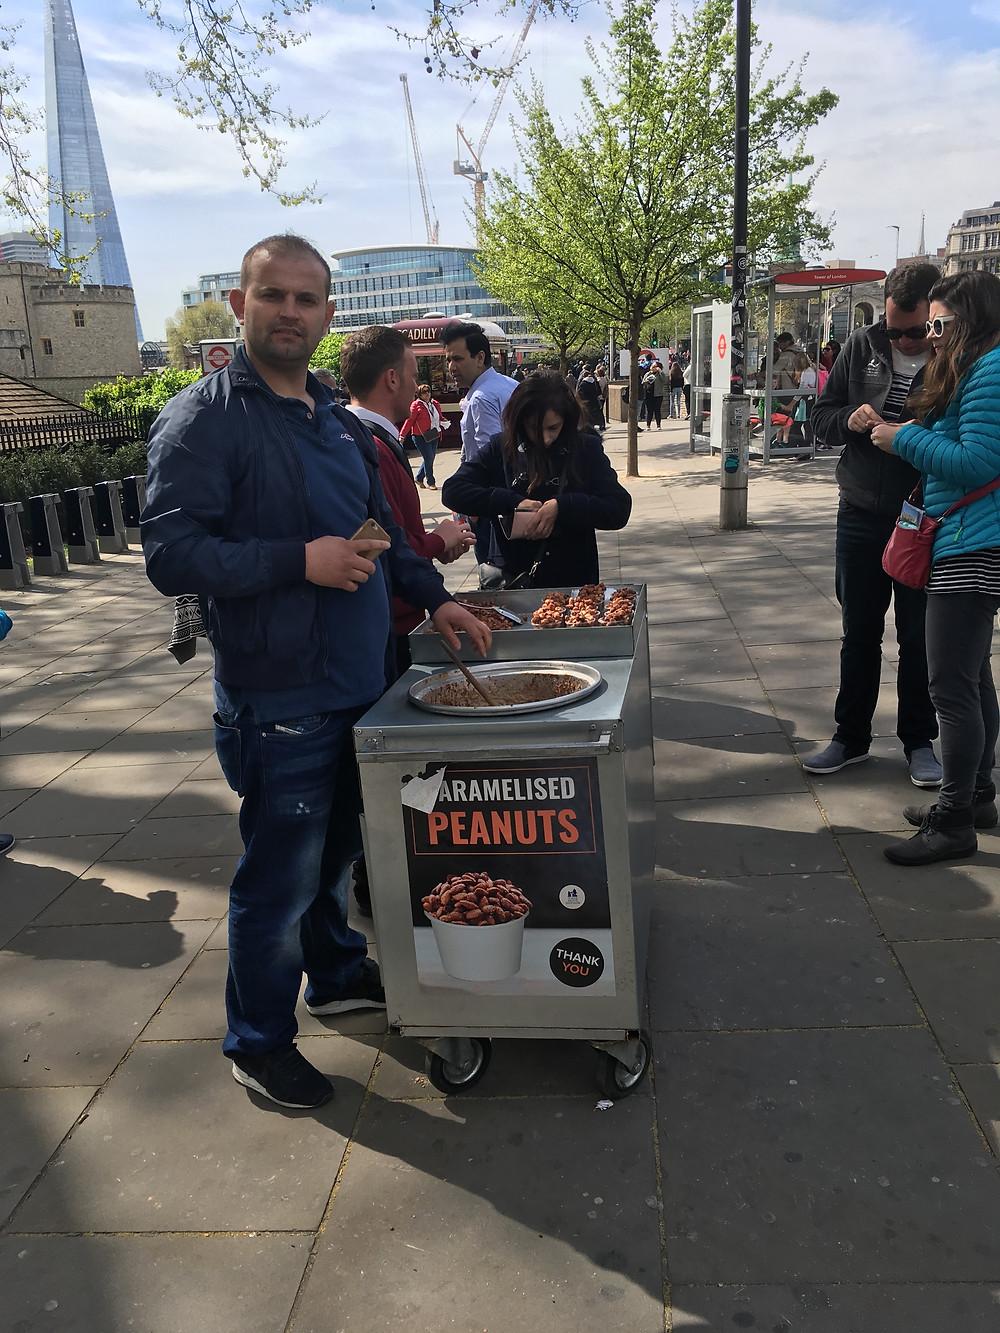 London street vendors